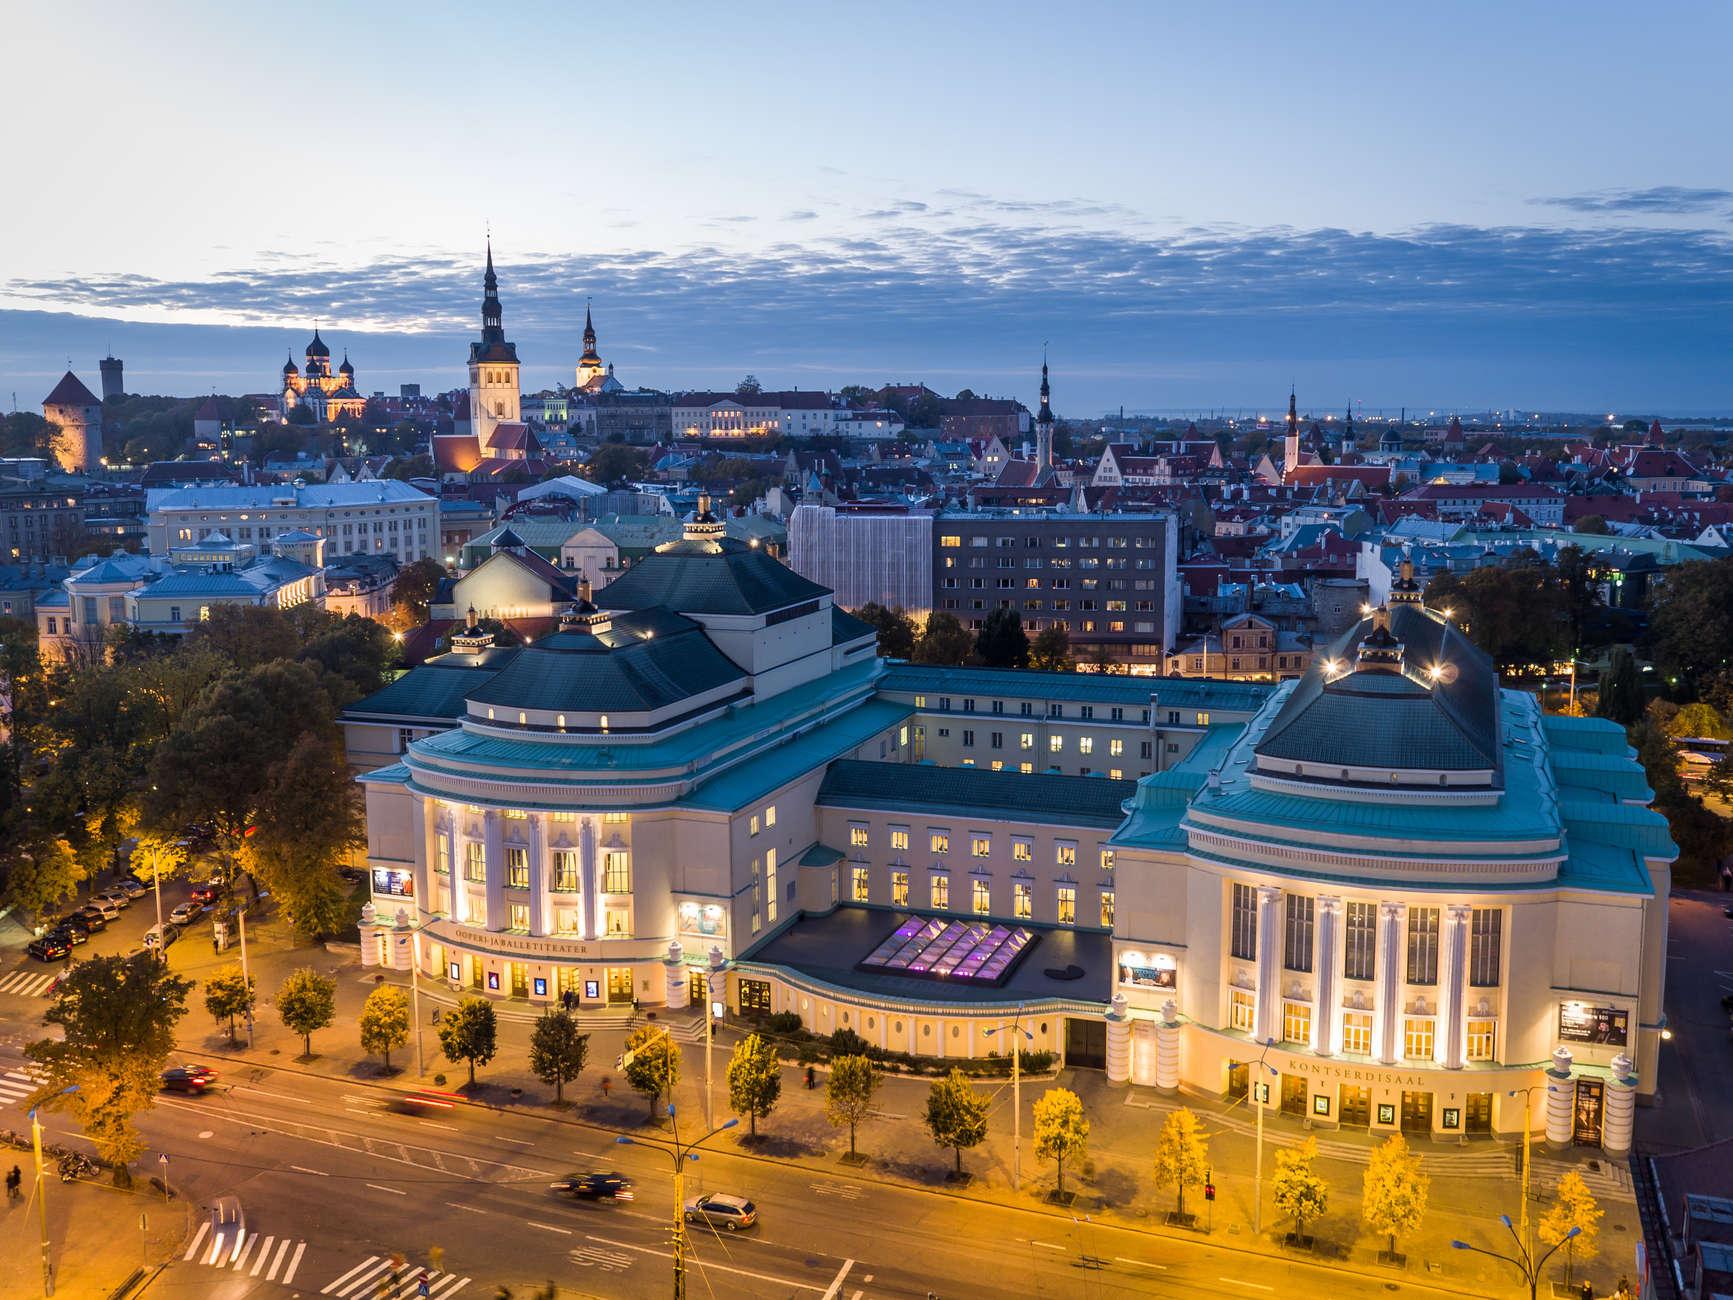 suveõhtune õhuvaade Rahvusooper Estoniale Tallinnas, taustal vanalinn